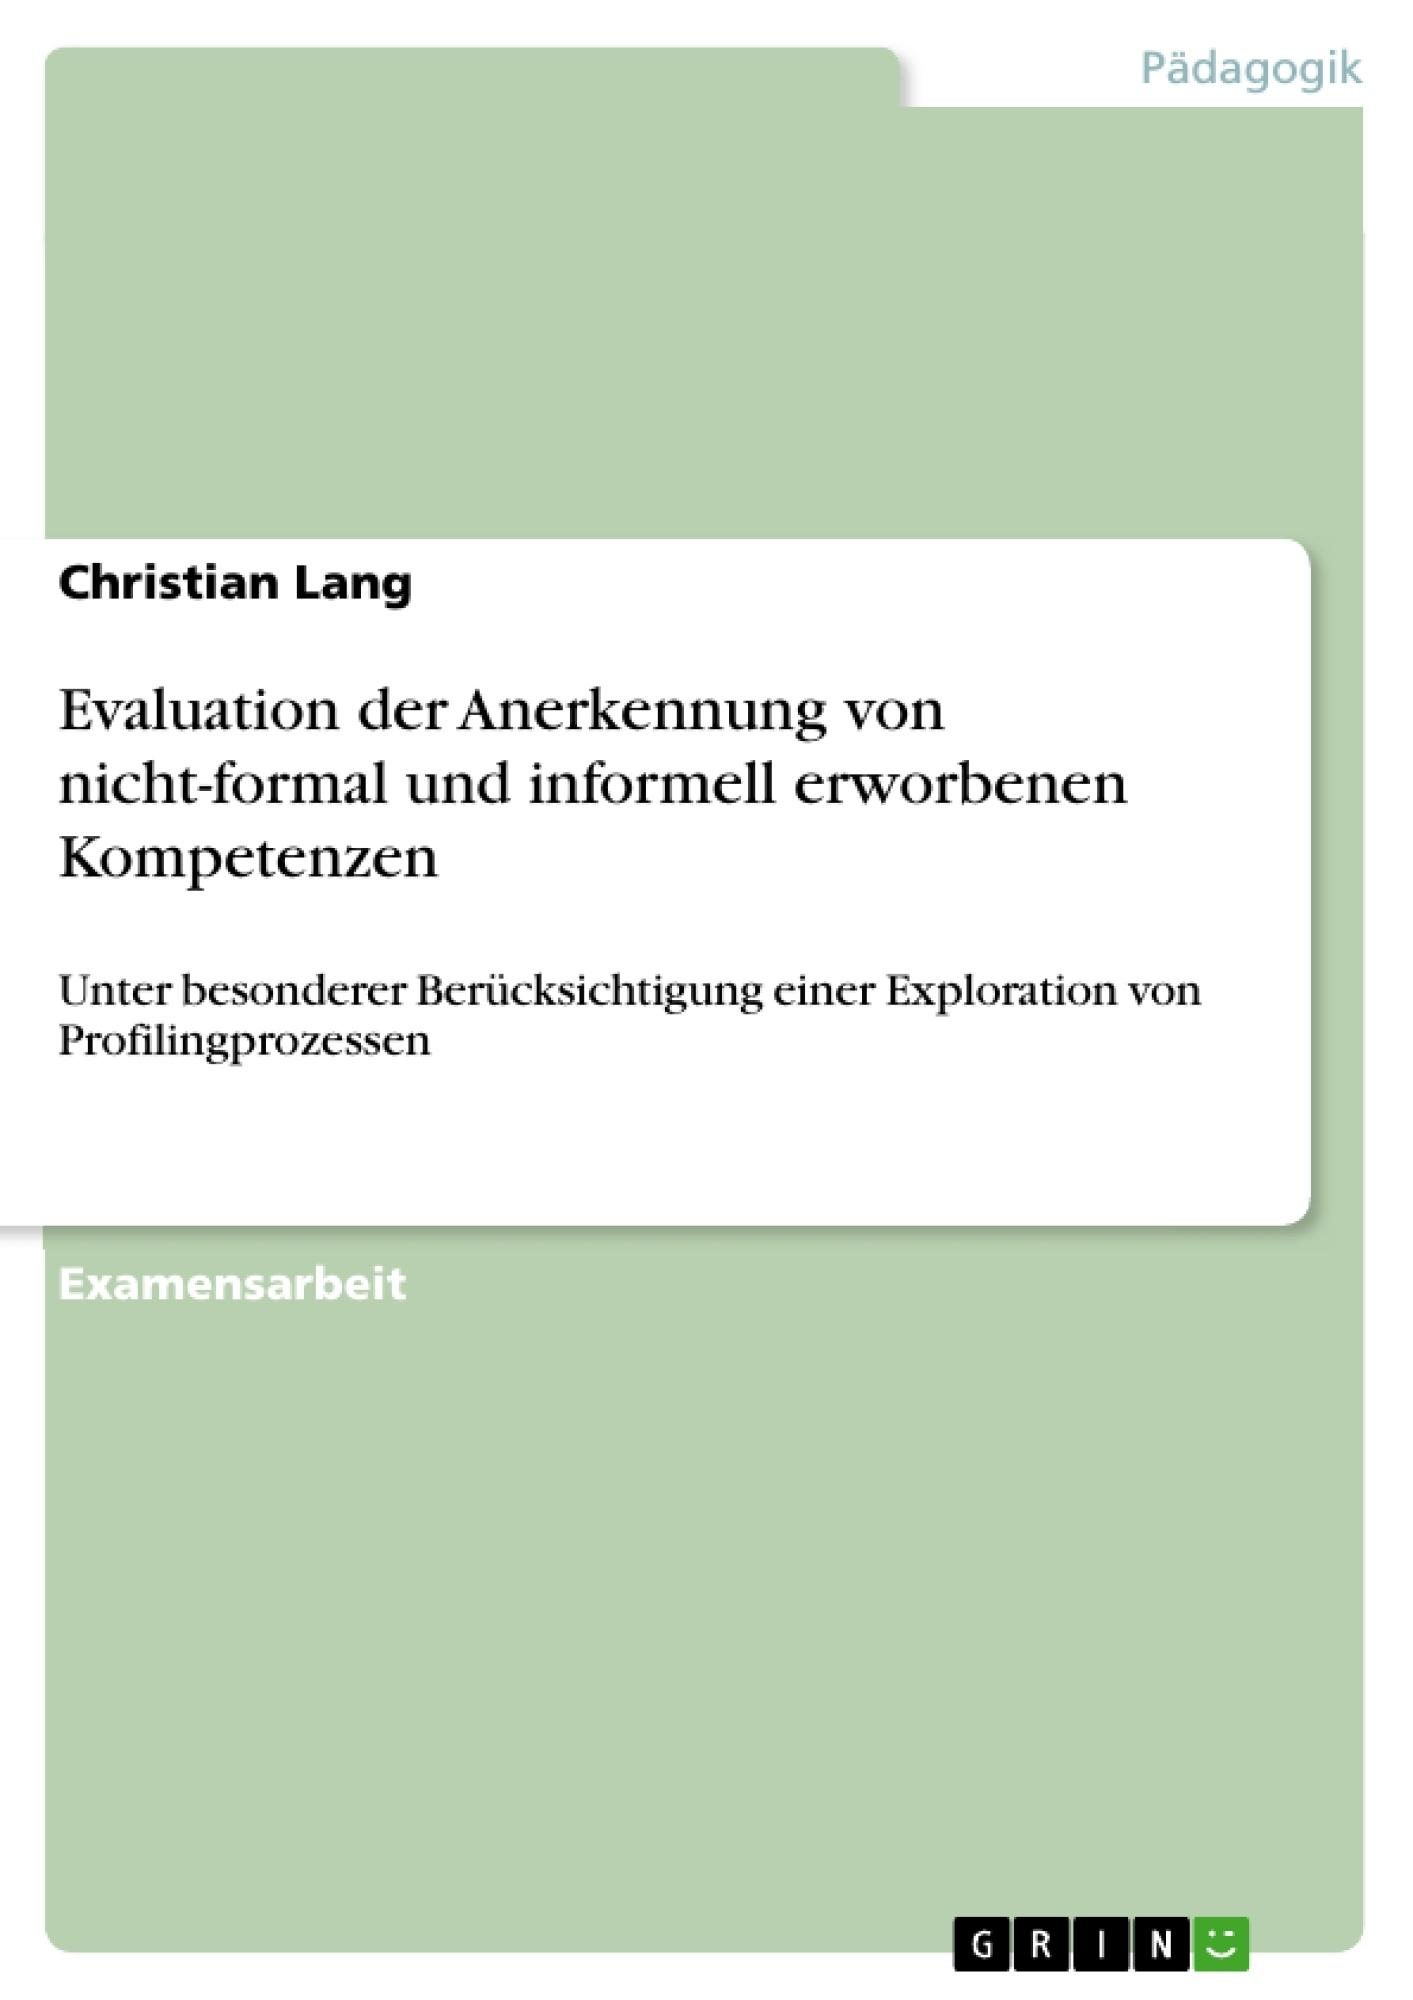 Titel: Evaluation der Anerkennung von nicht-formal und informell erworbenen Kompetenzen